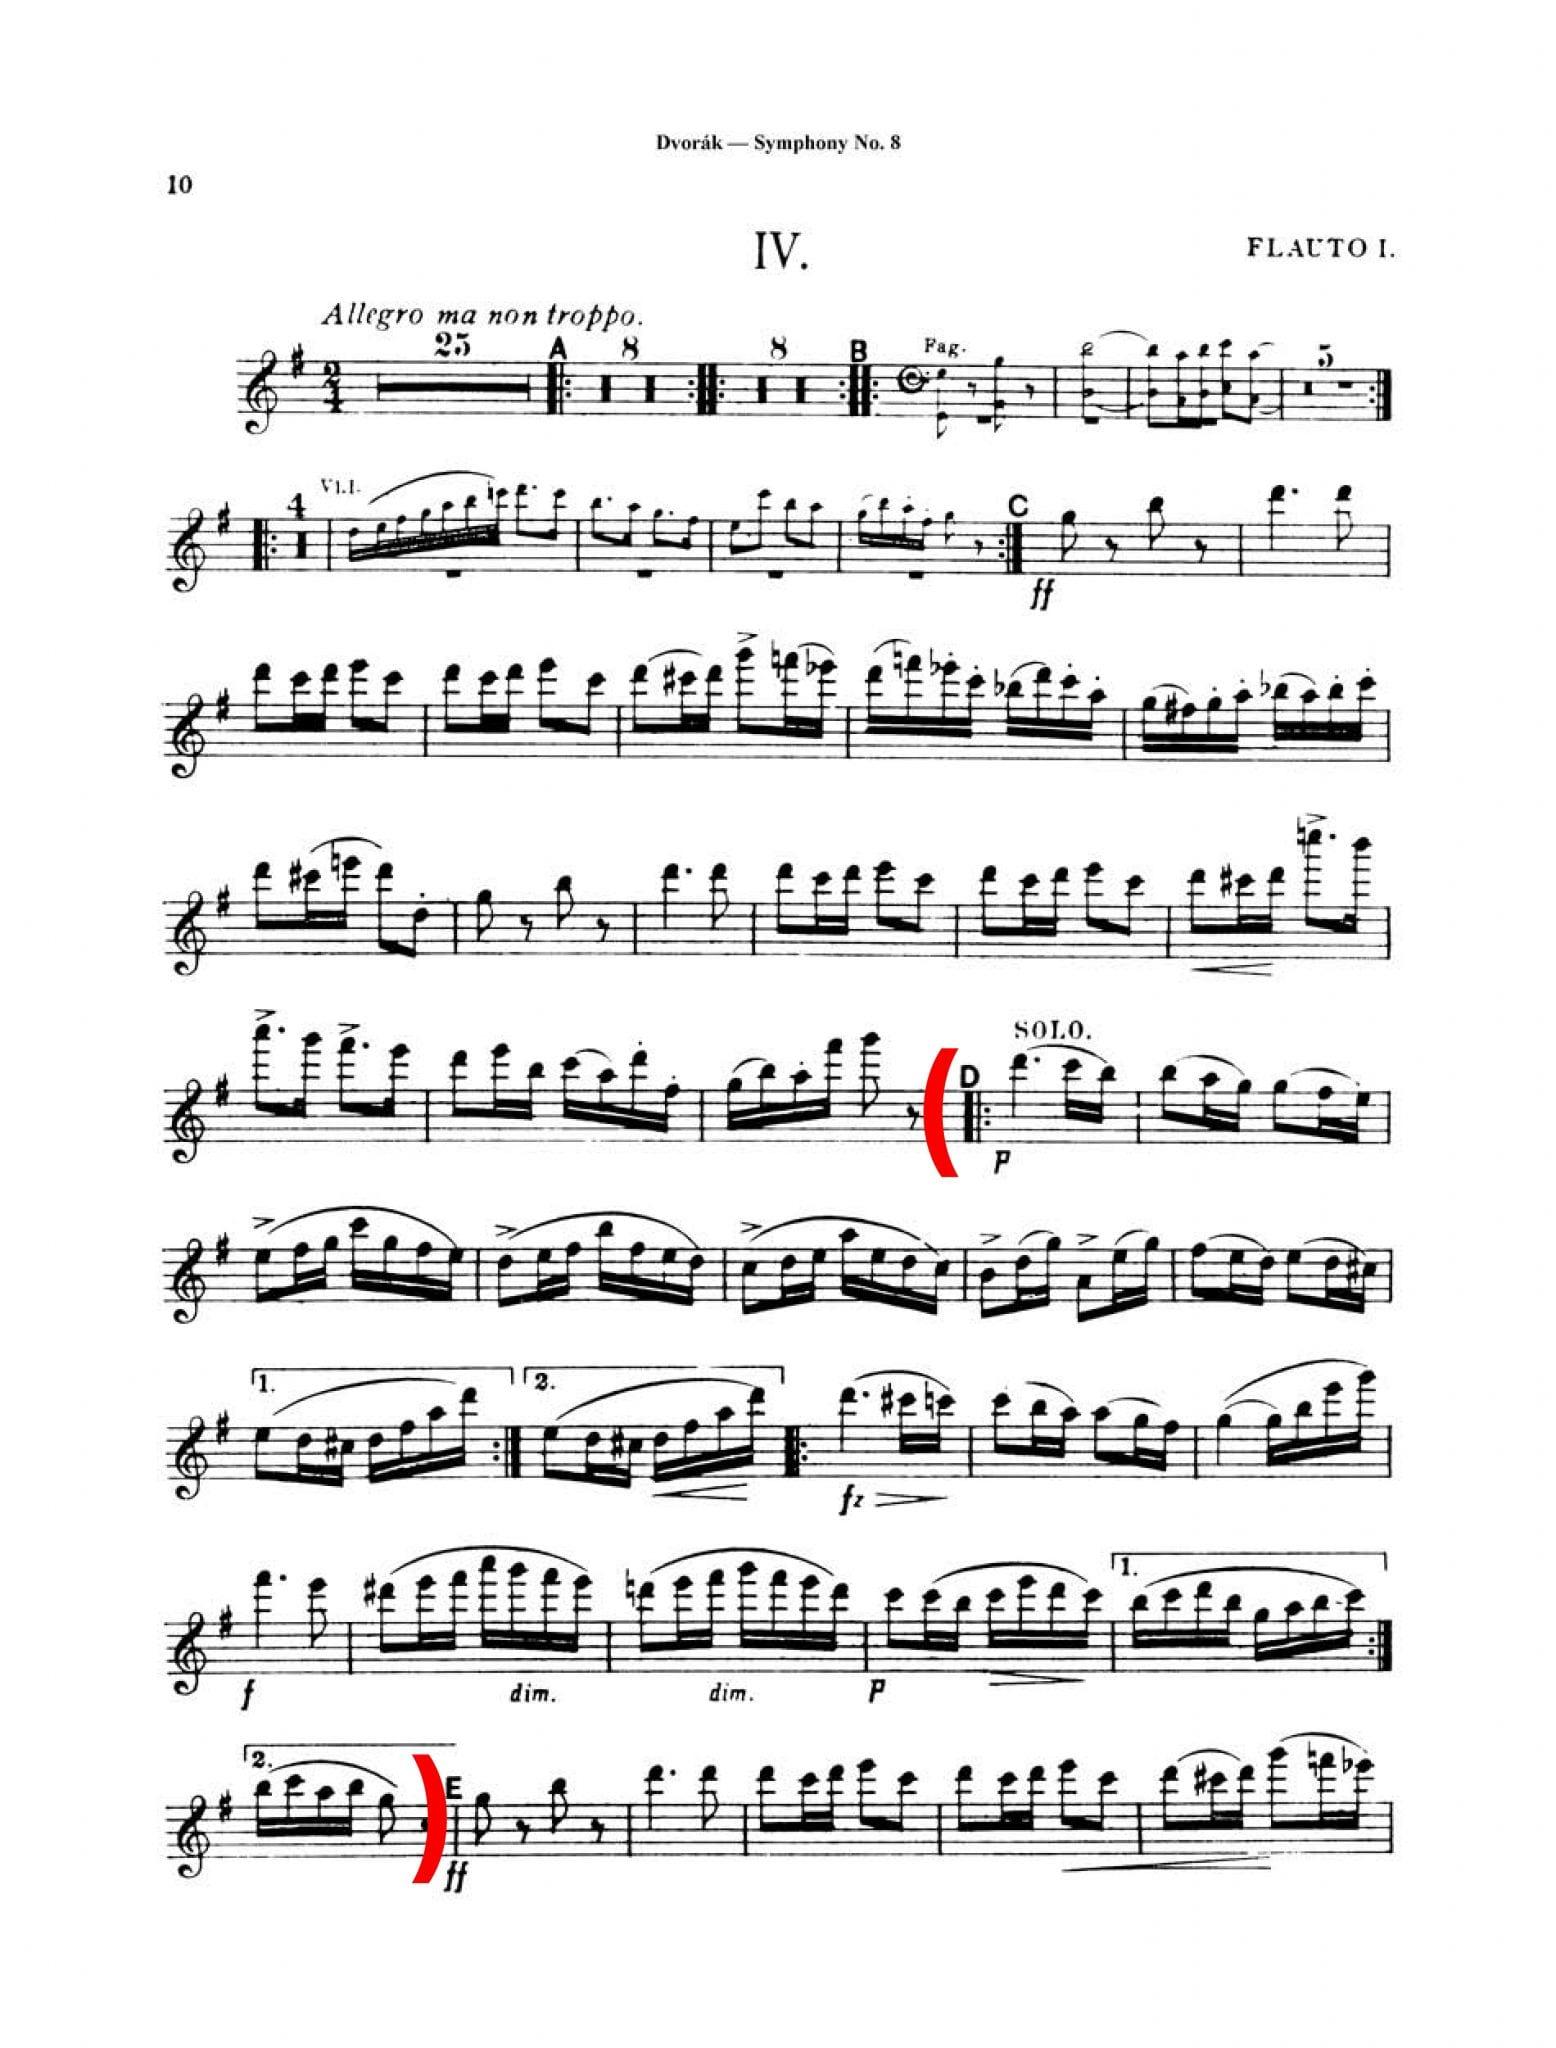 Dvorak Symphony No. 8